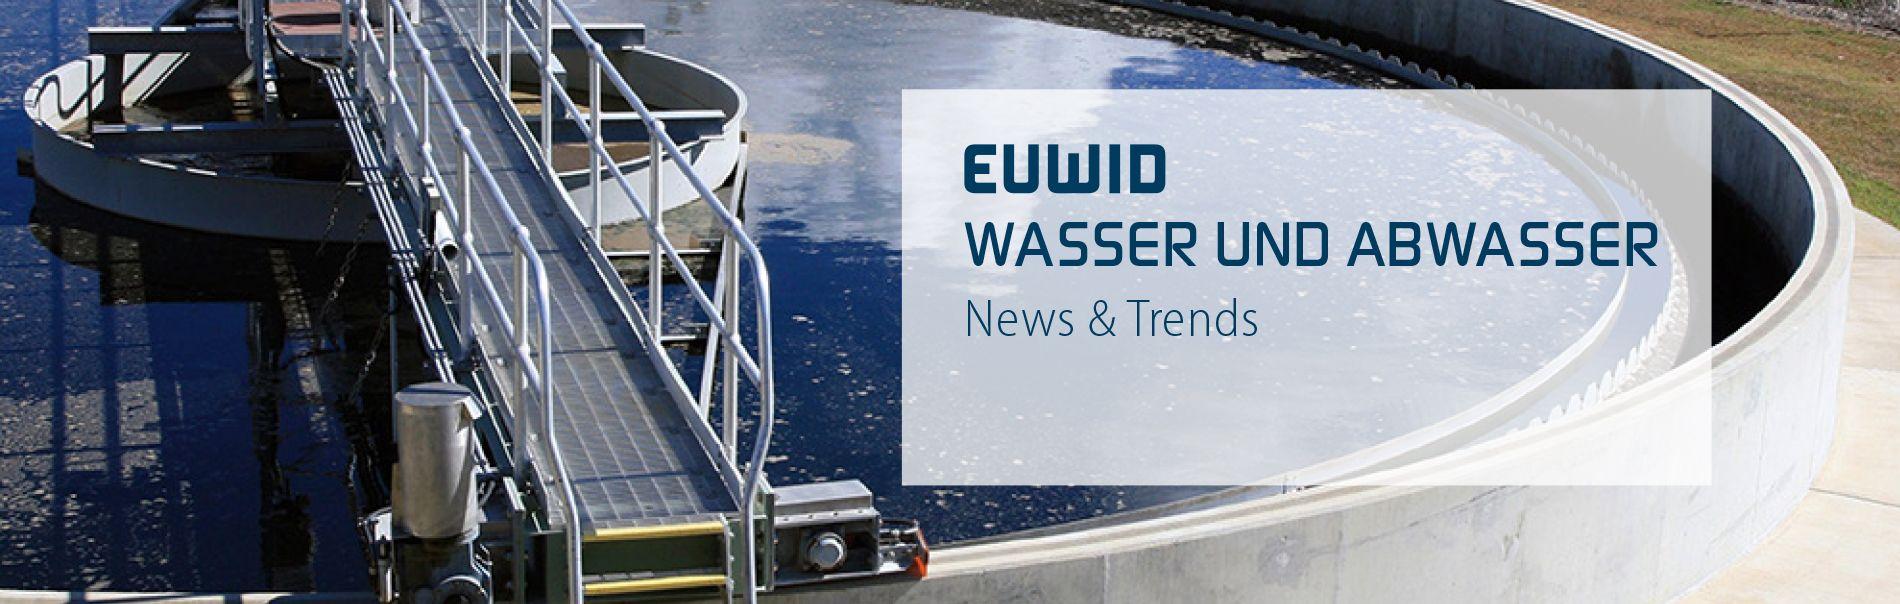 EUWID Wasser und Abwasser news & trends